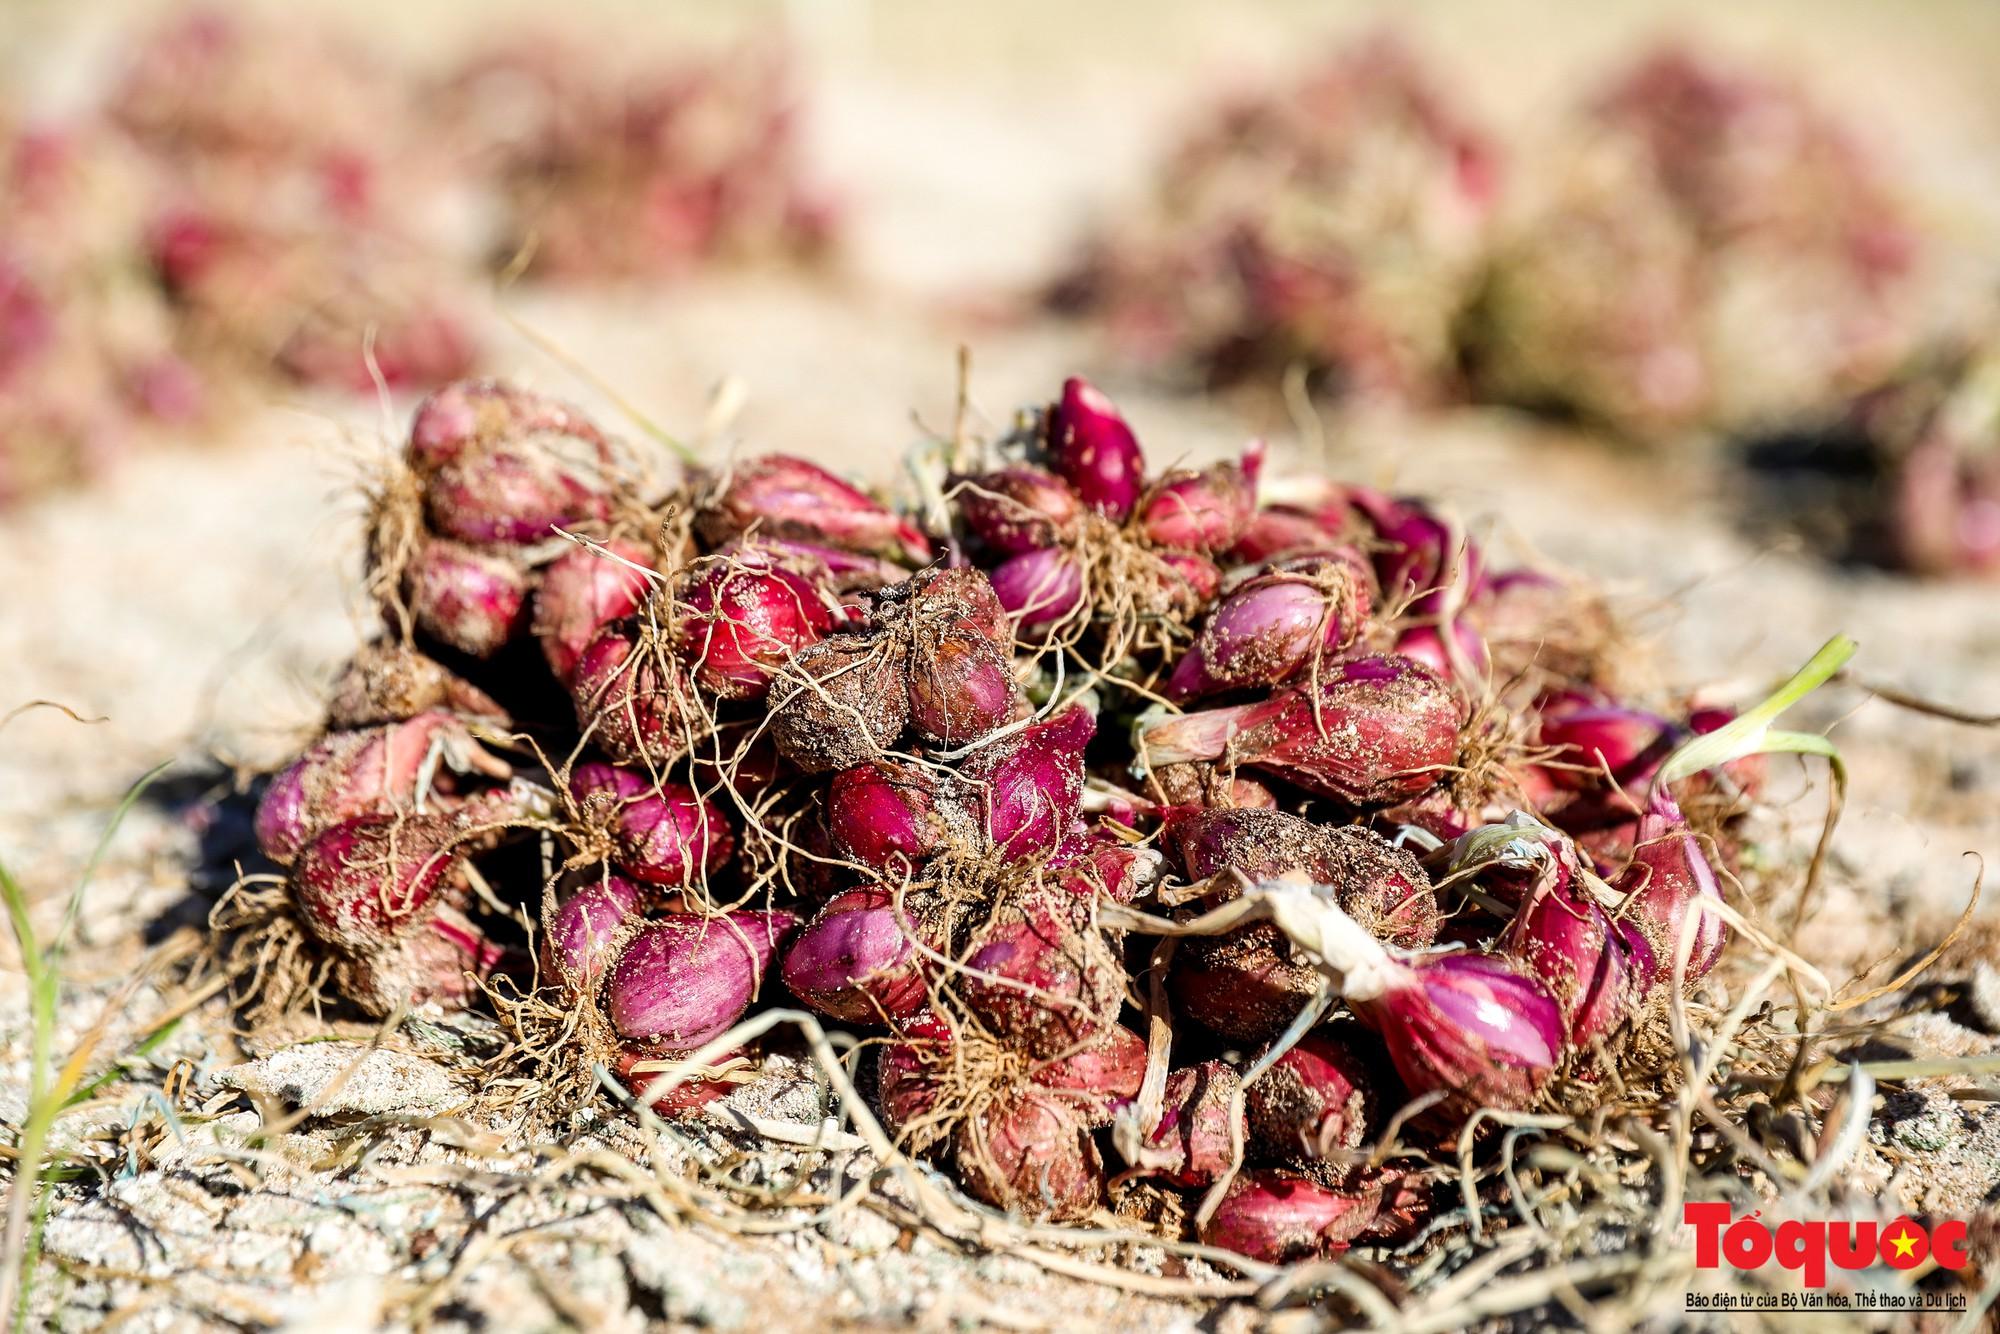 Hành tím Lý Sơn vào mùa thu hoạch: Nông dân phấn khởi vì giá tăng gấp đôi năm ngoái  - Ảnh 5.